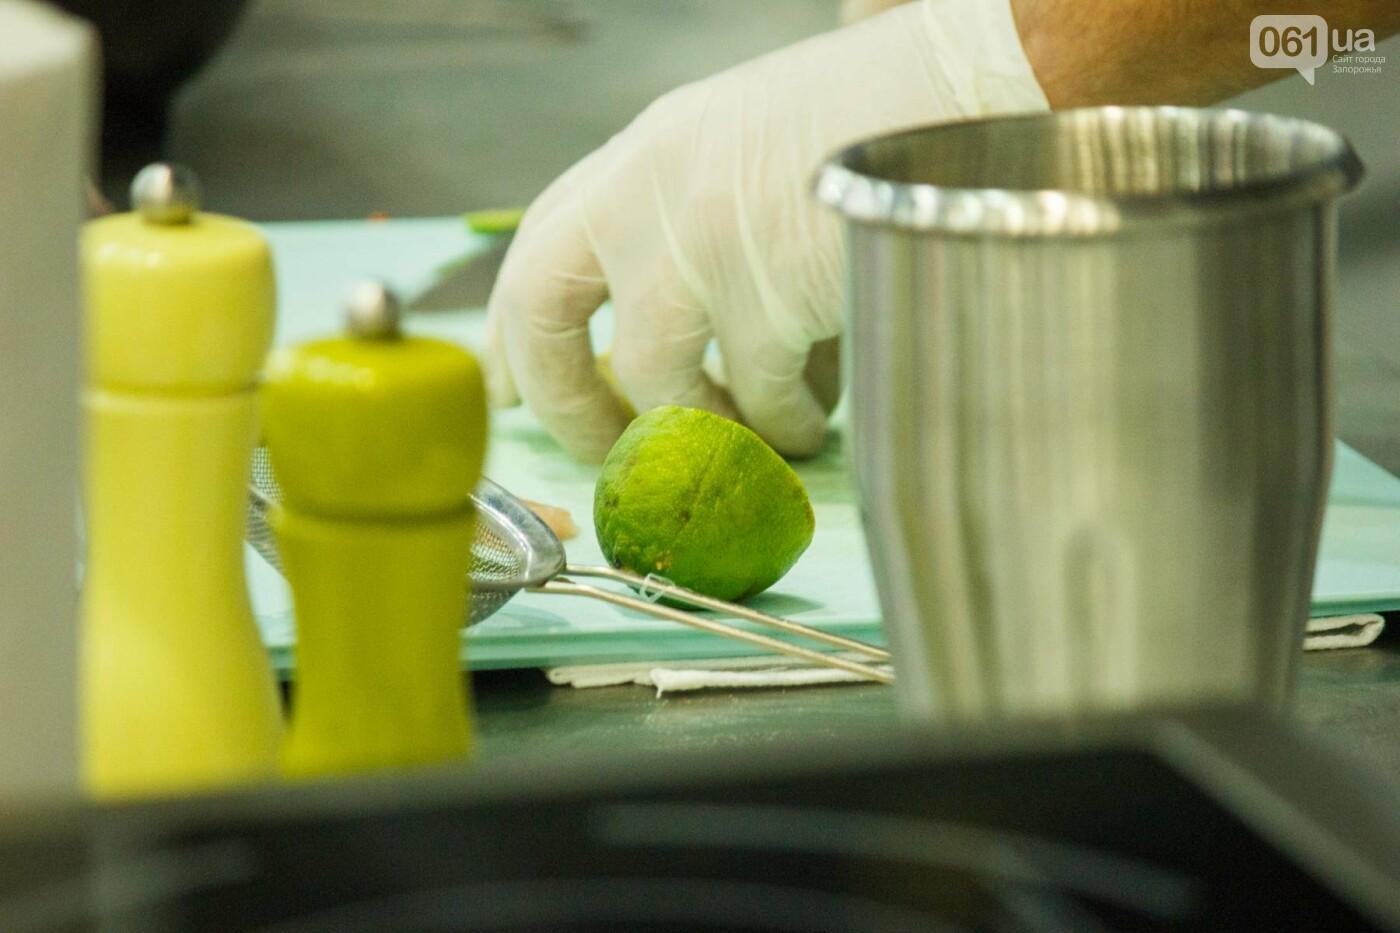 Шеф-повара запорожских ресторанов провели мастер-класс для горожан: как это было, - ФОТОРЕПОРТАЖ, фото-31